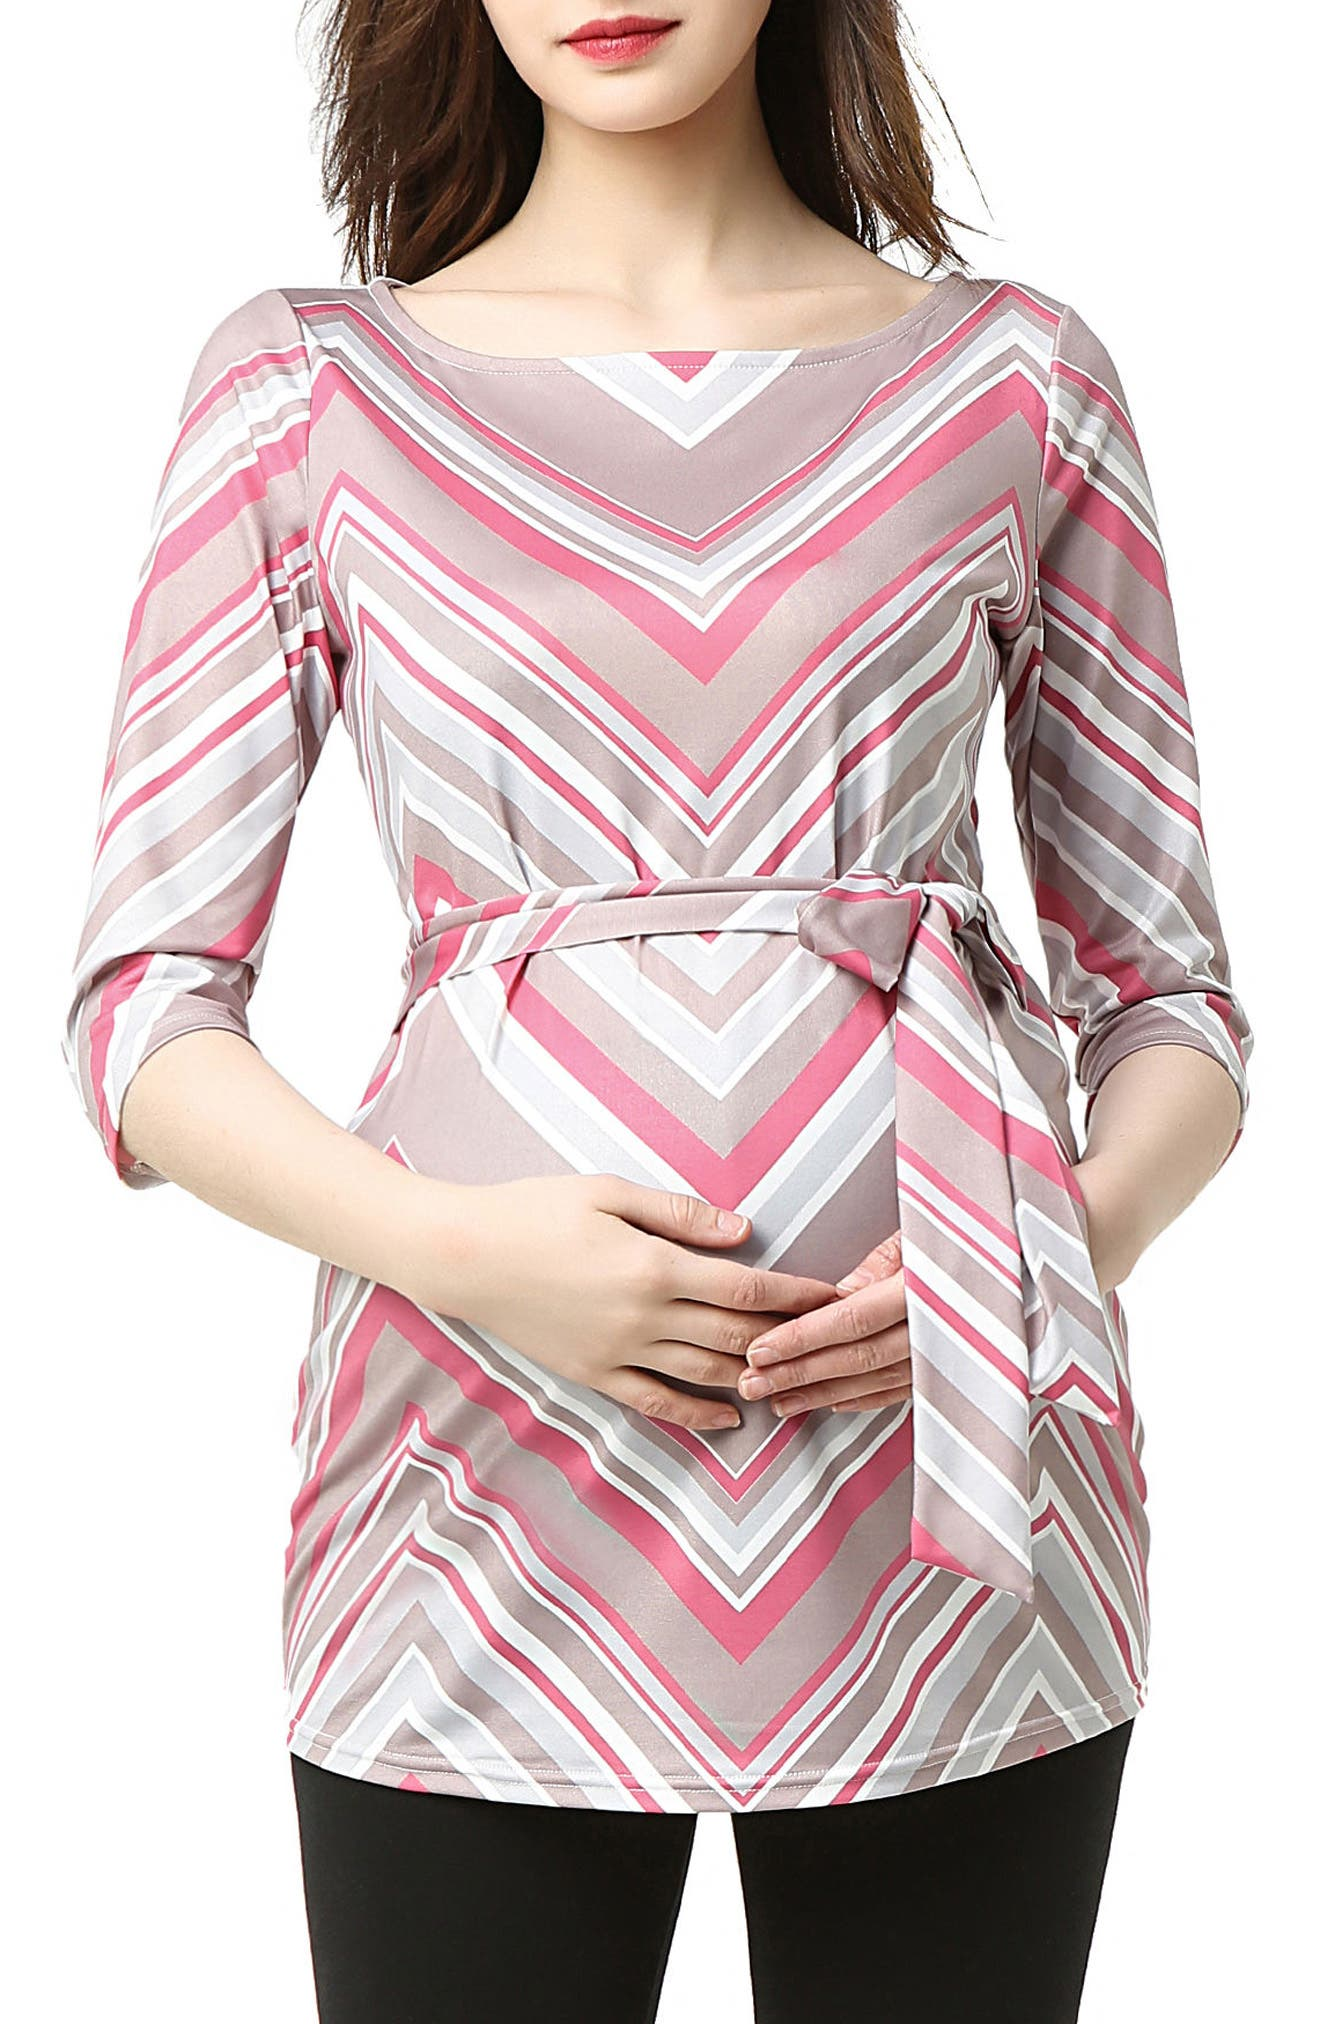 Delia Chevron Maternity Top,                             Main thumbnail 1, color,                             MULTICOLORED STRIPE